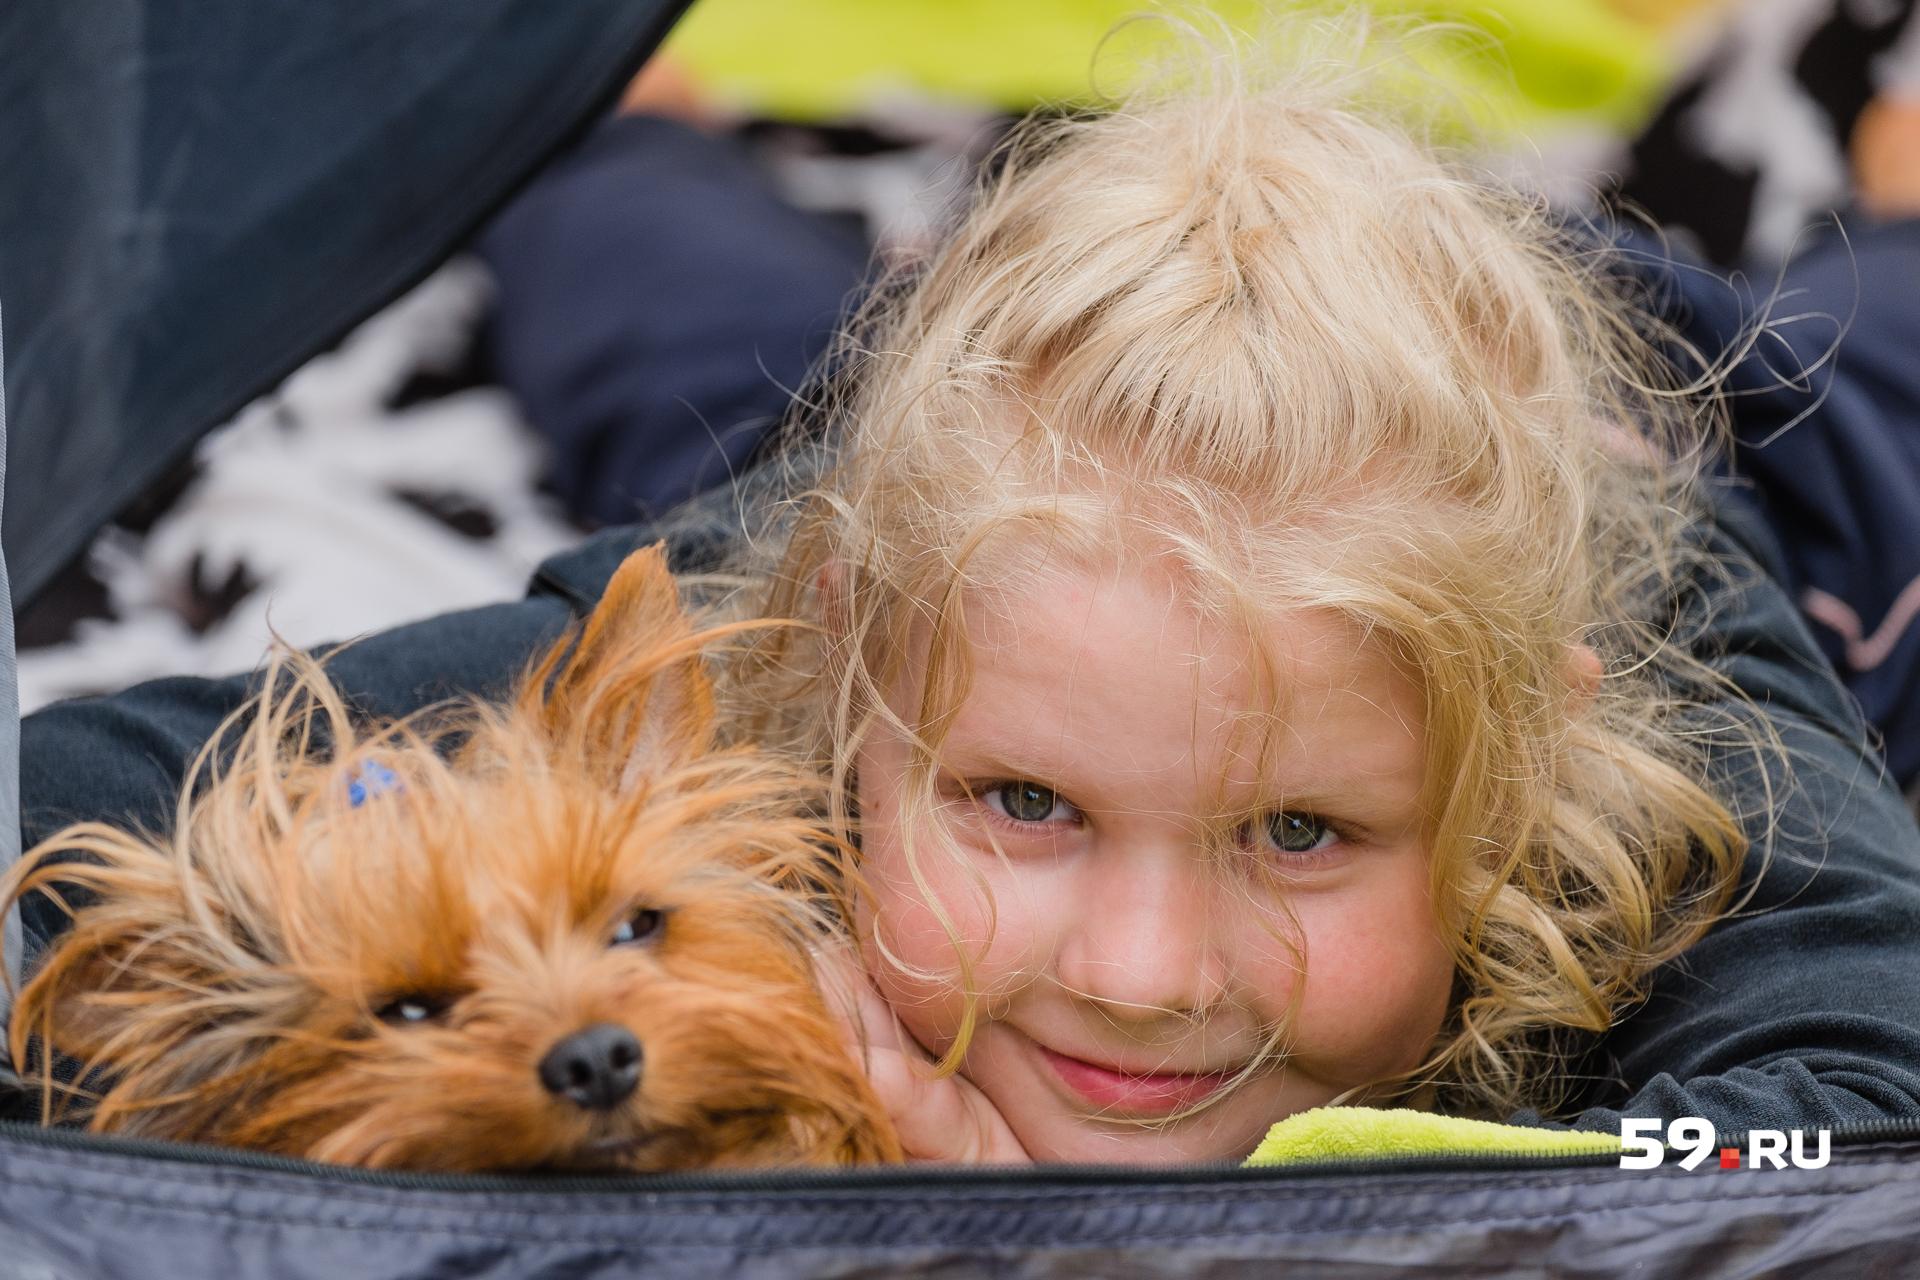 Летом провести пару дней в палатке для девчонок — это приключение. А потом обратно к бабушке